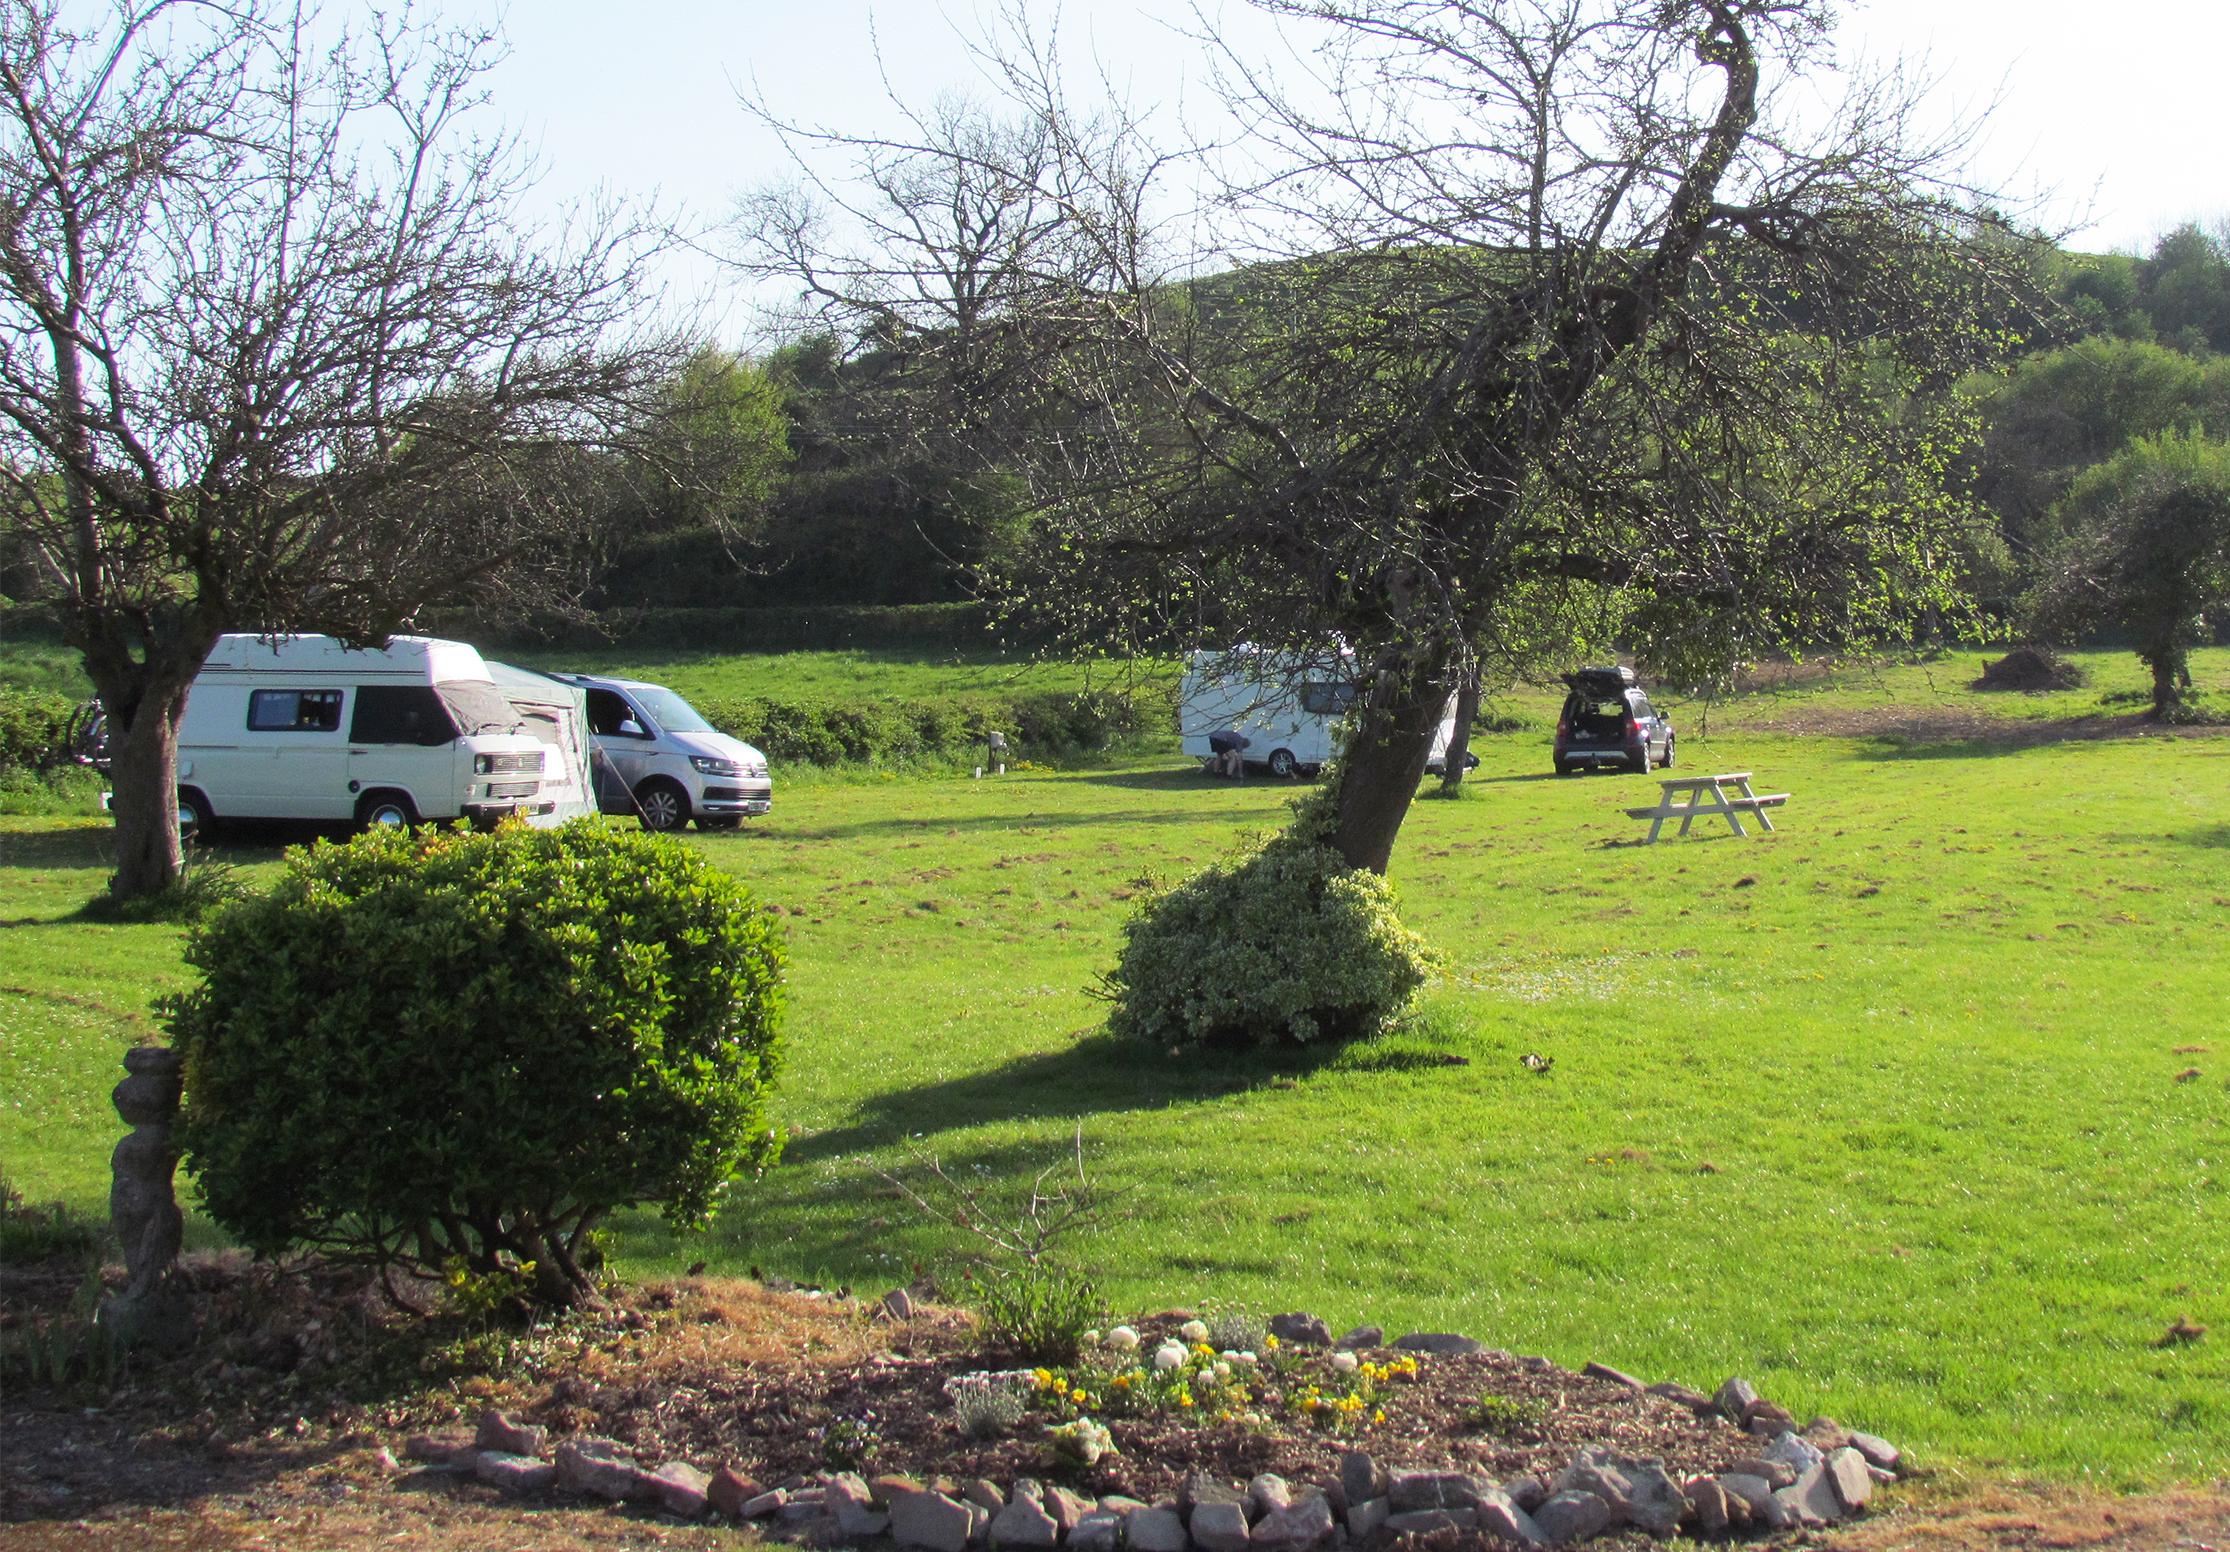 LEAN TREE IN FIELD